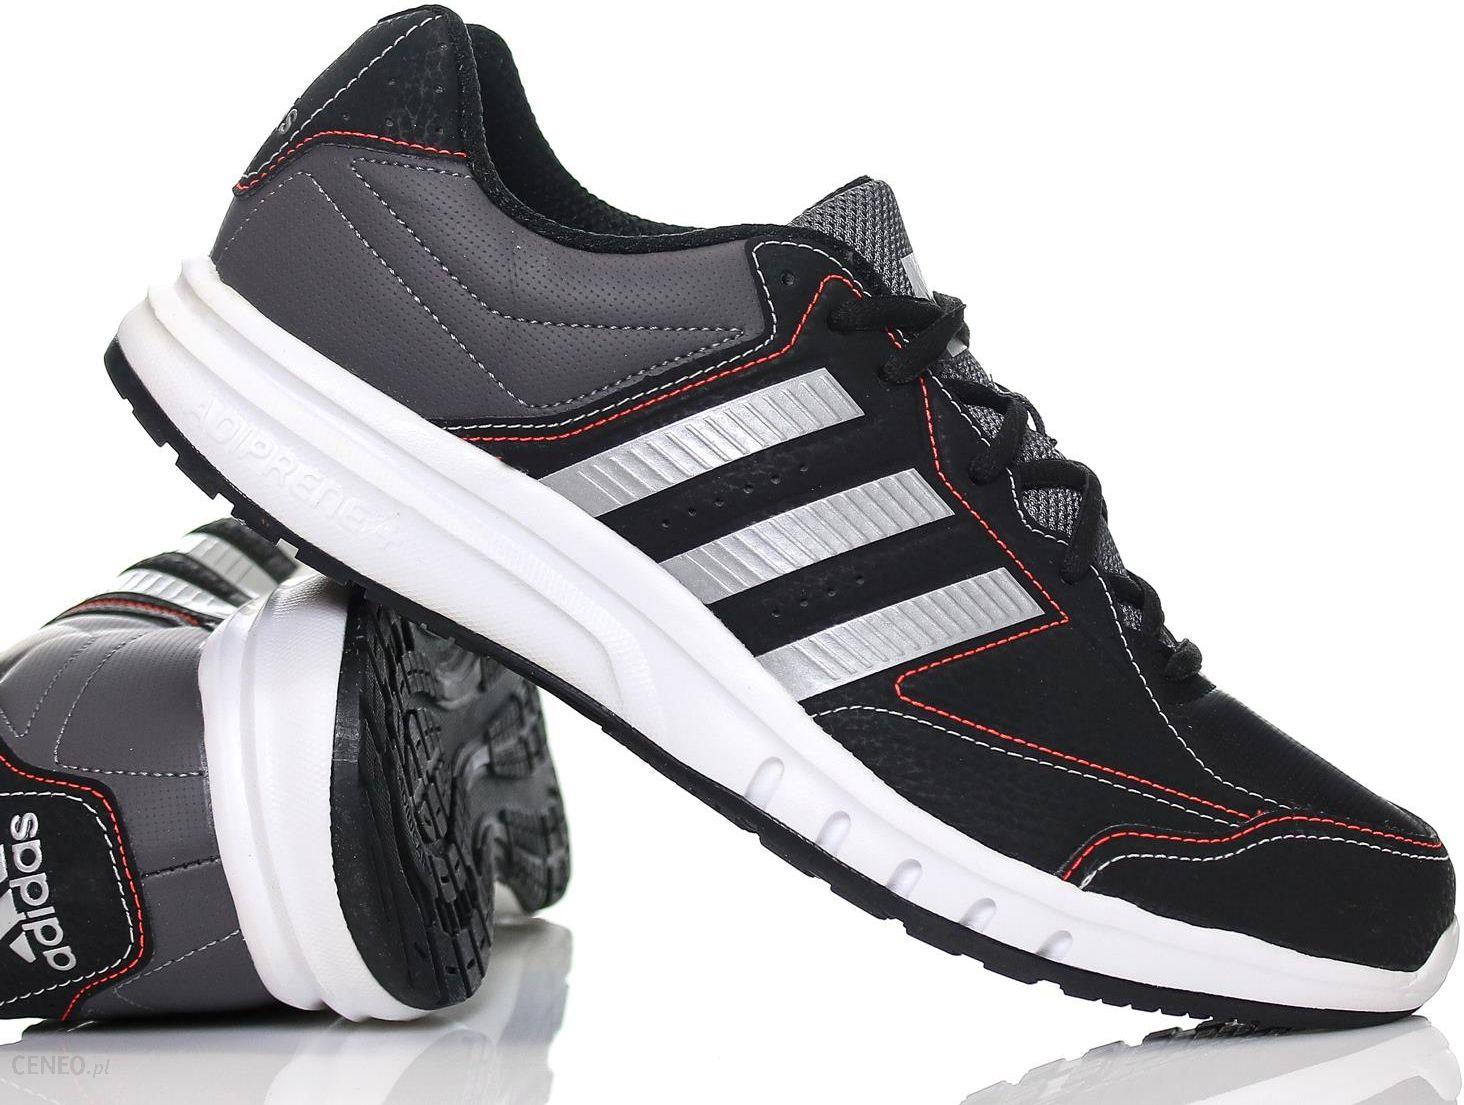 Buty męskie Adidas Multisport Tr M22840 r. 40 23 Ceny i opinie Ceneo.pl